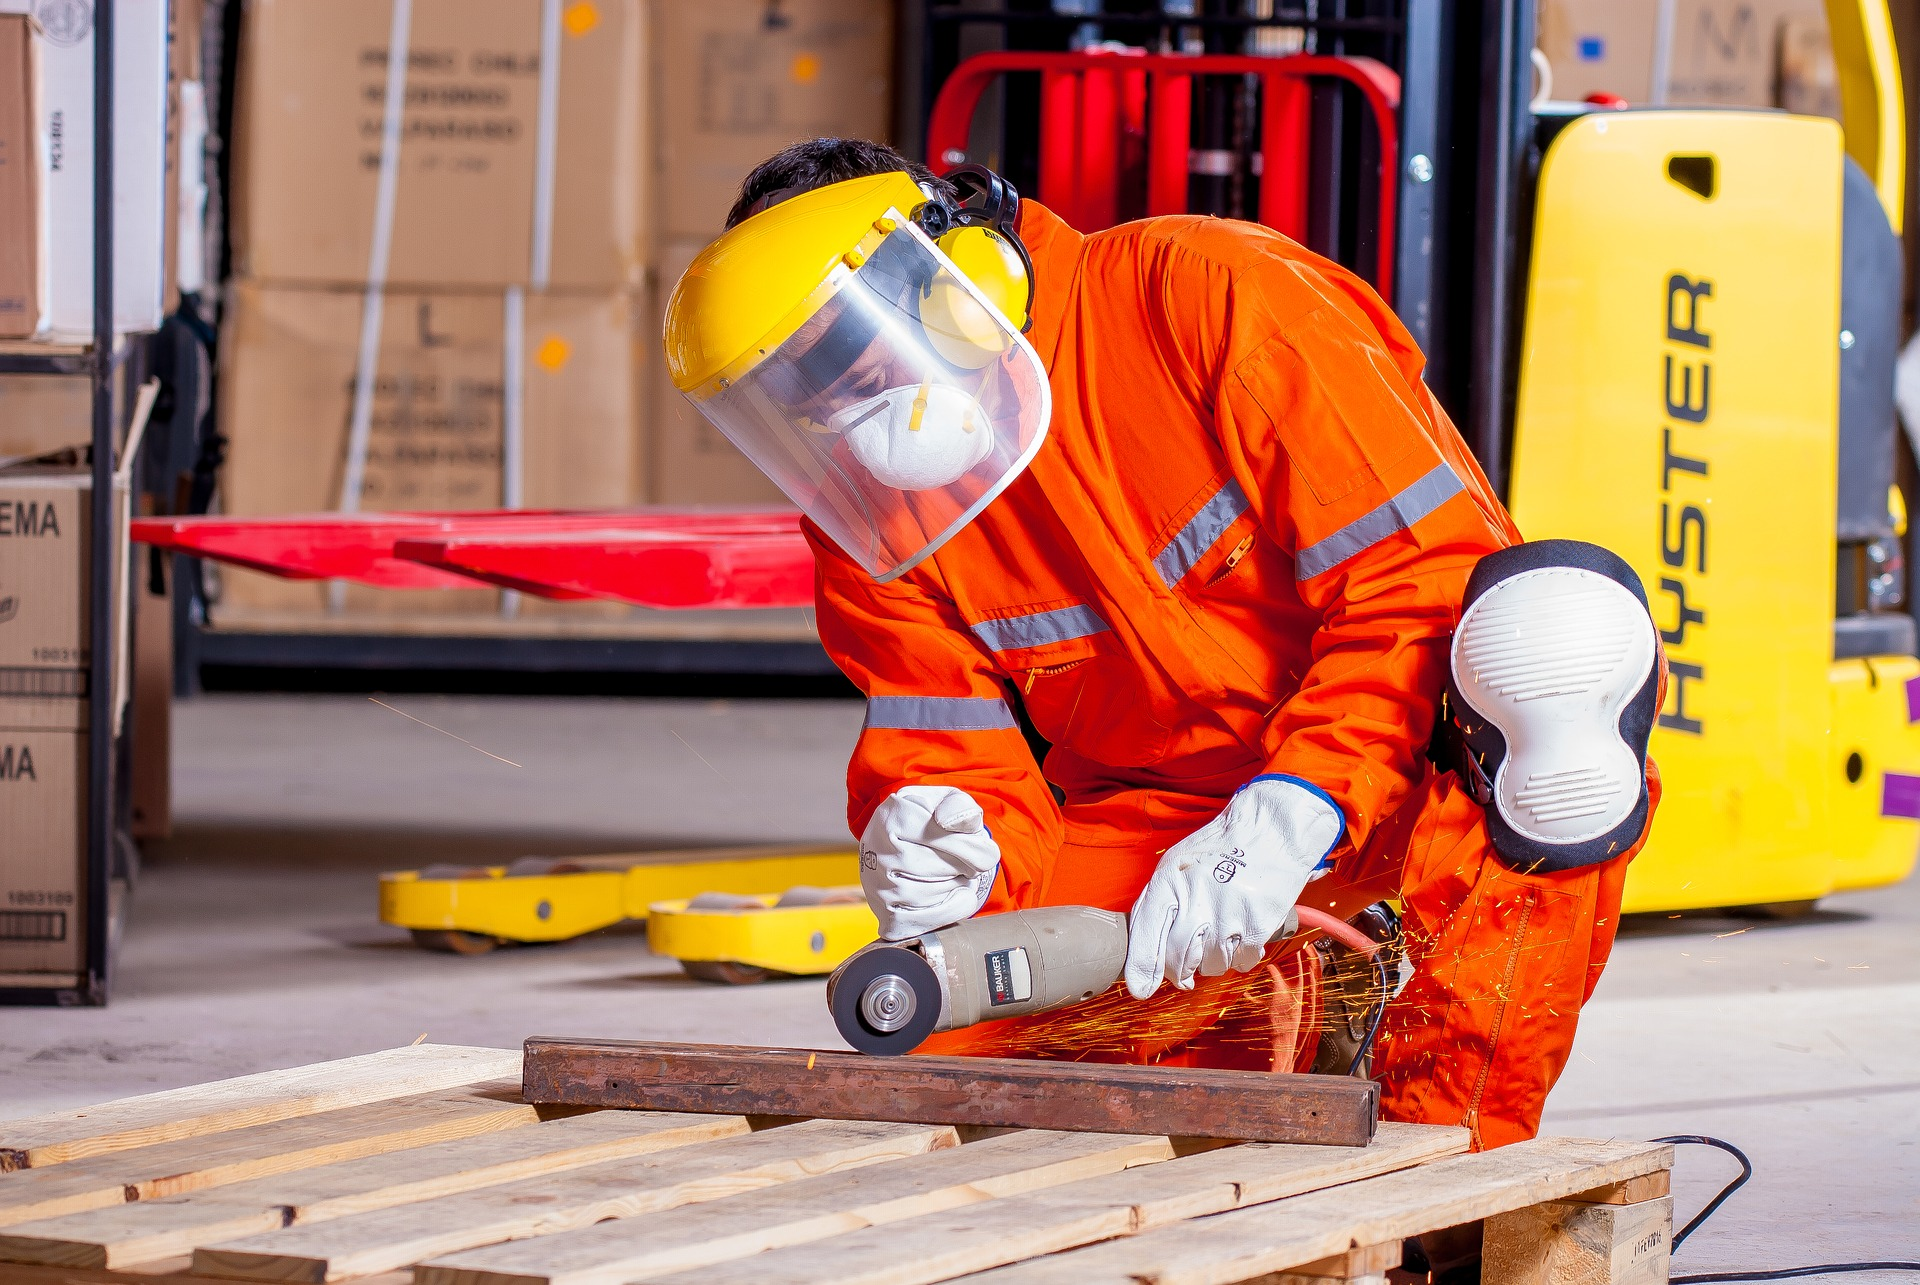 industrial-1636390_1920.jpg